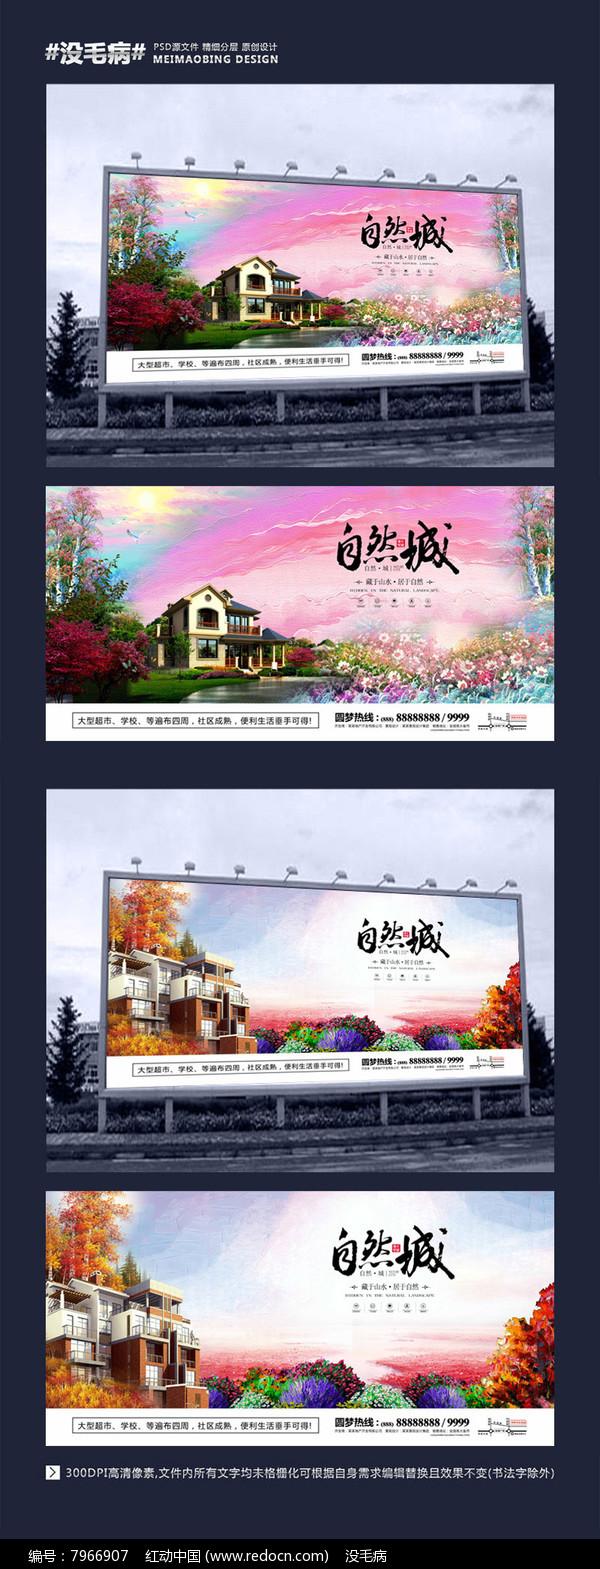 精美手绘房地产广告设计图片